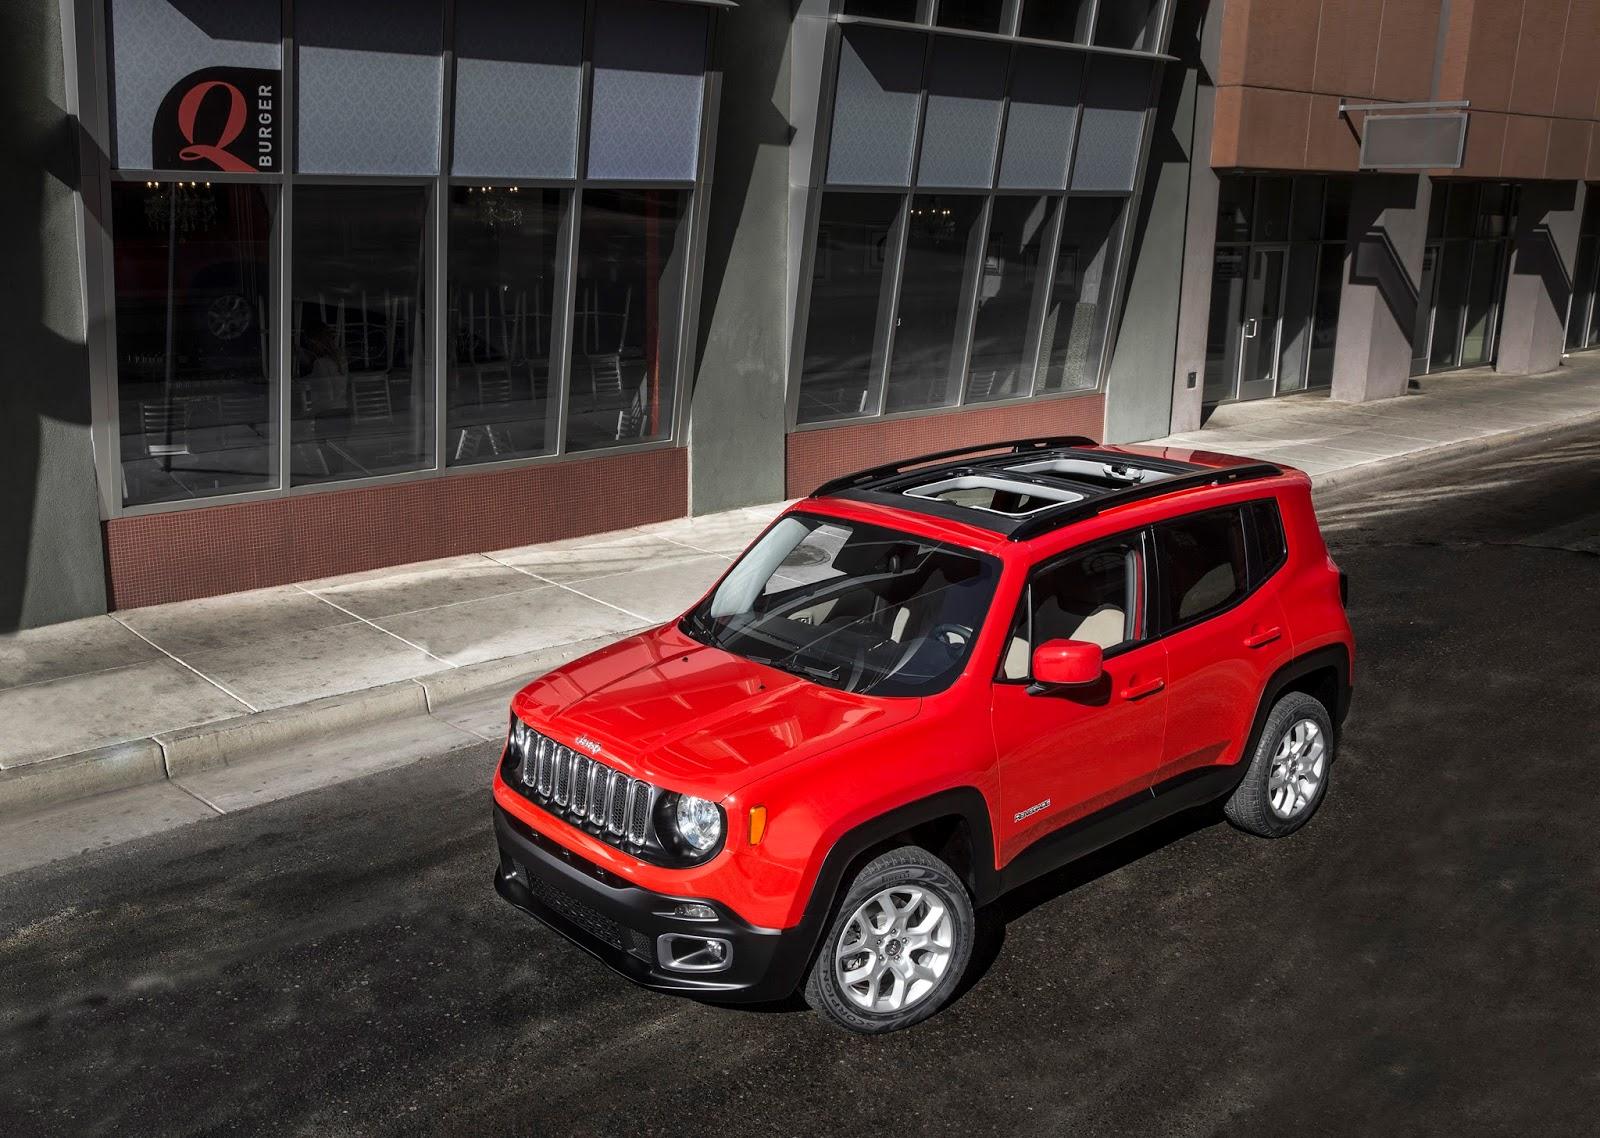 Jeep Renegade E O Melhor Suv Compacto Segundo Revista Britanica Motor Vicio